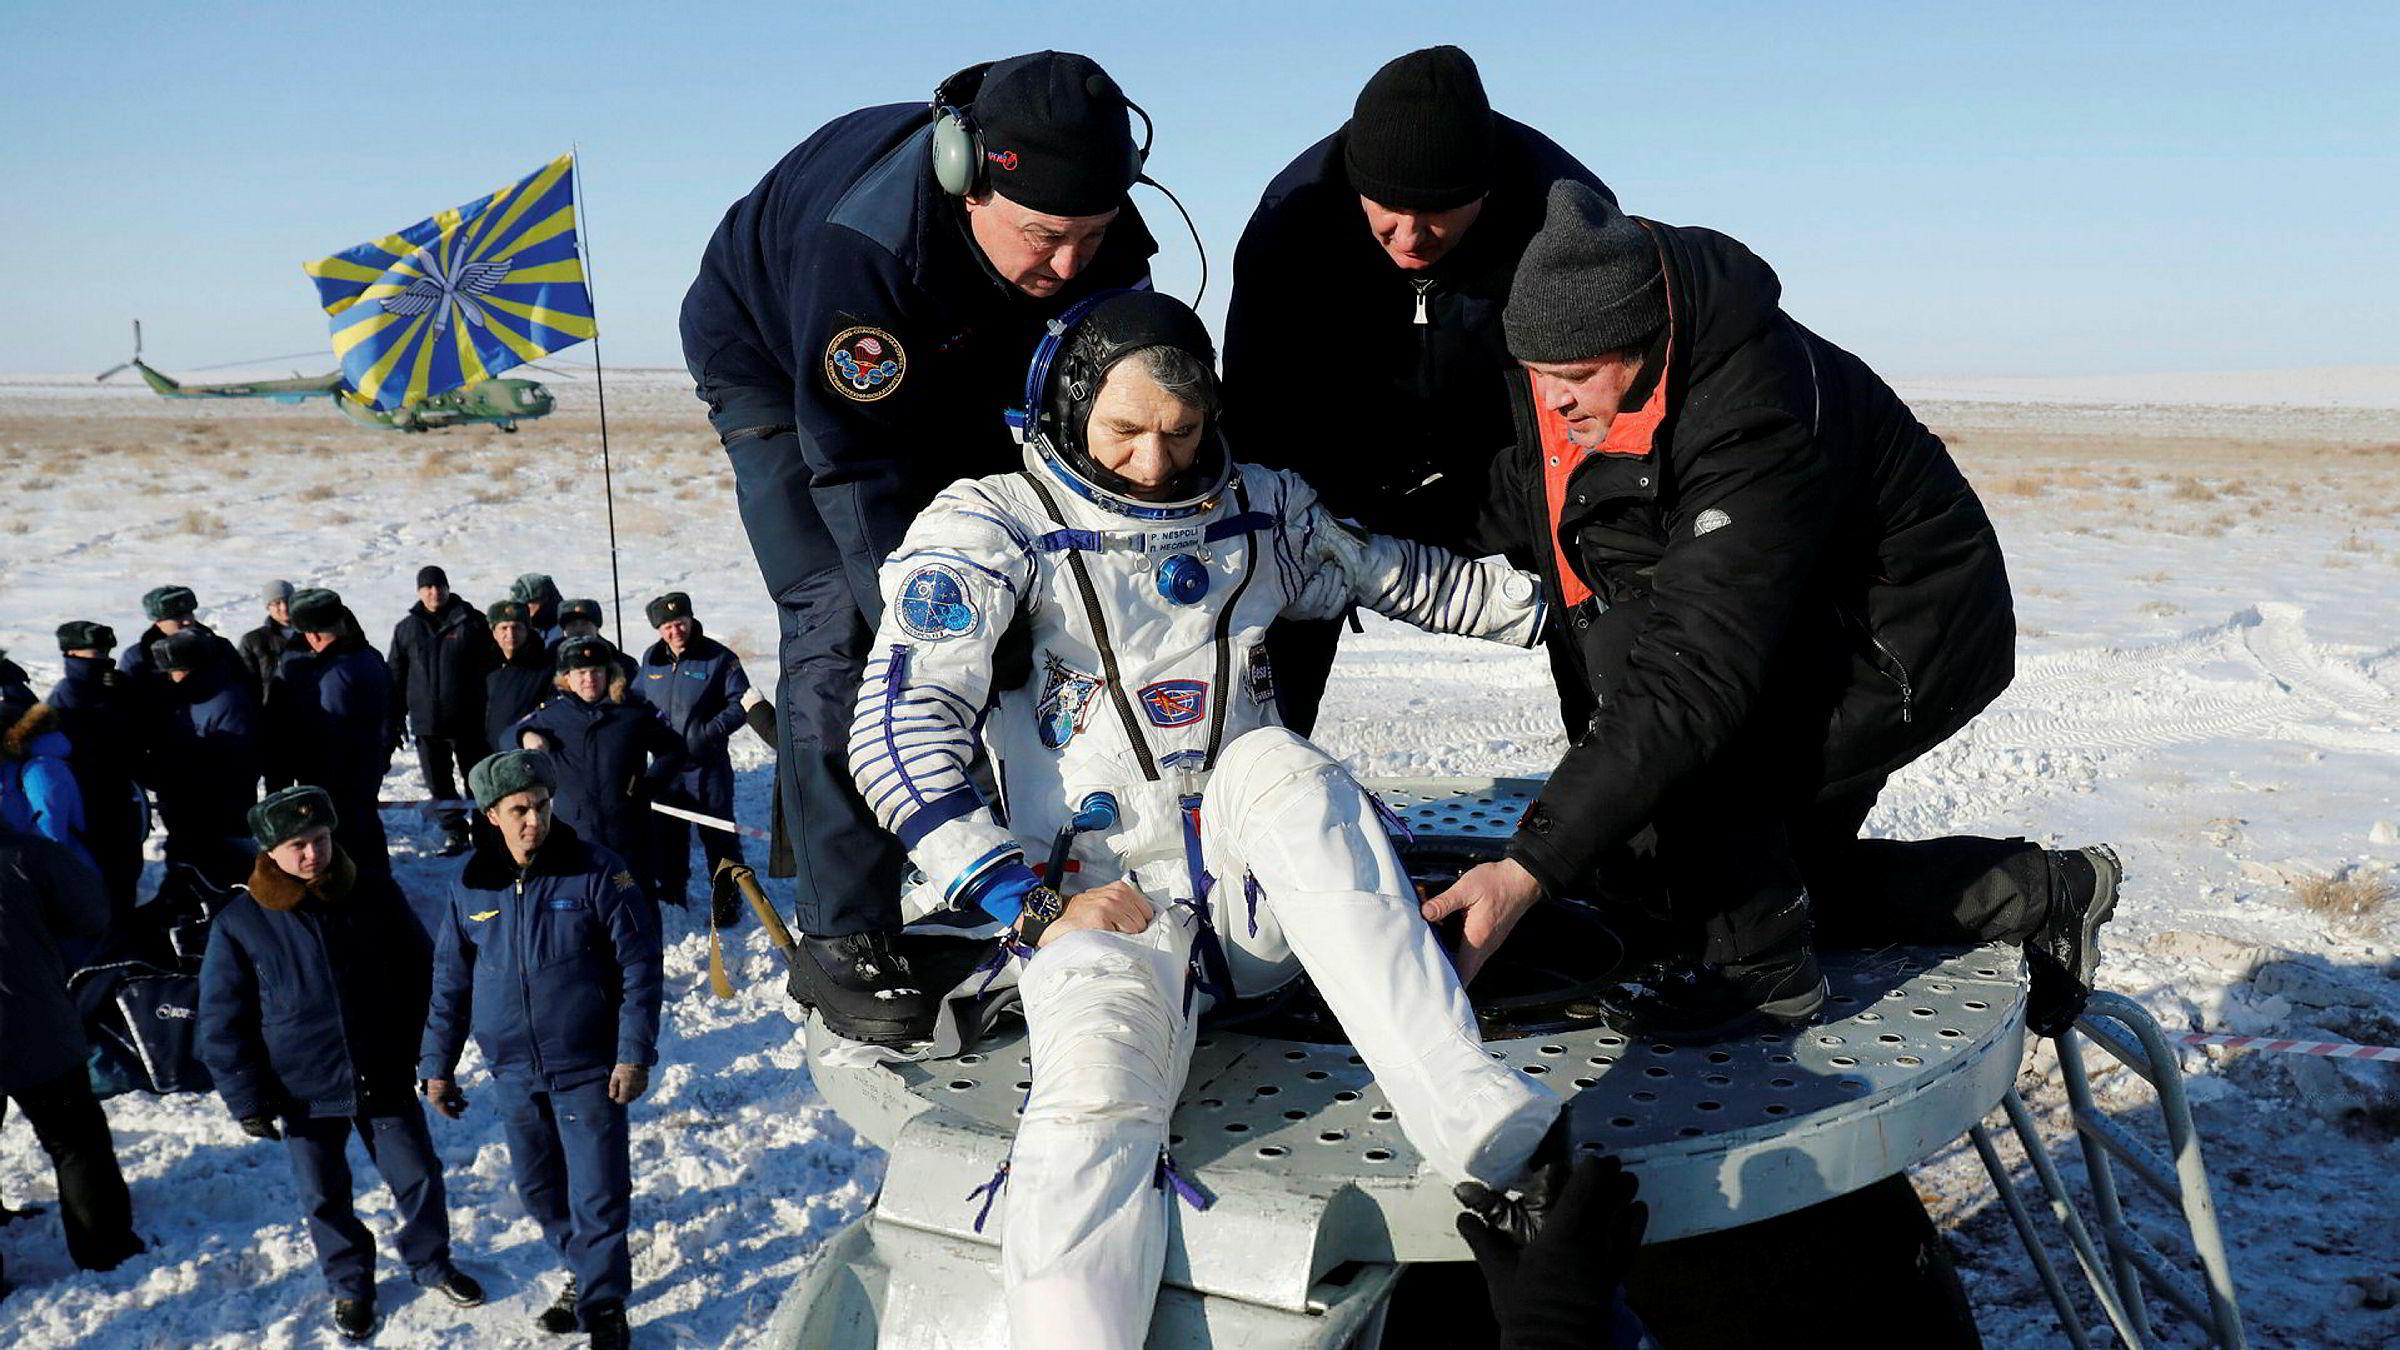 14. desember 2017 landet Paolo Nespoli i Kasakhstan etter et opphold på den internasjonale romstasjonen (ISS).